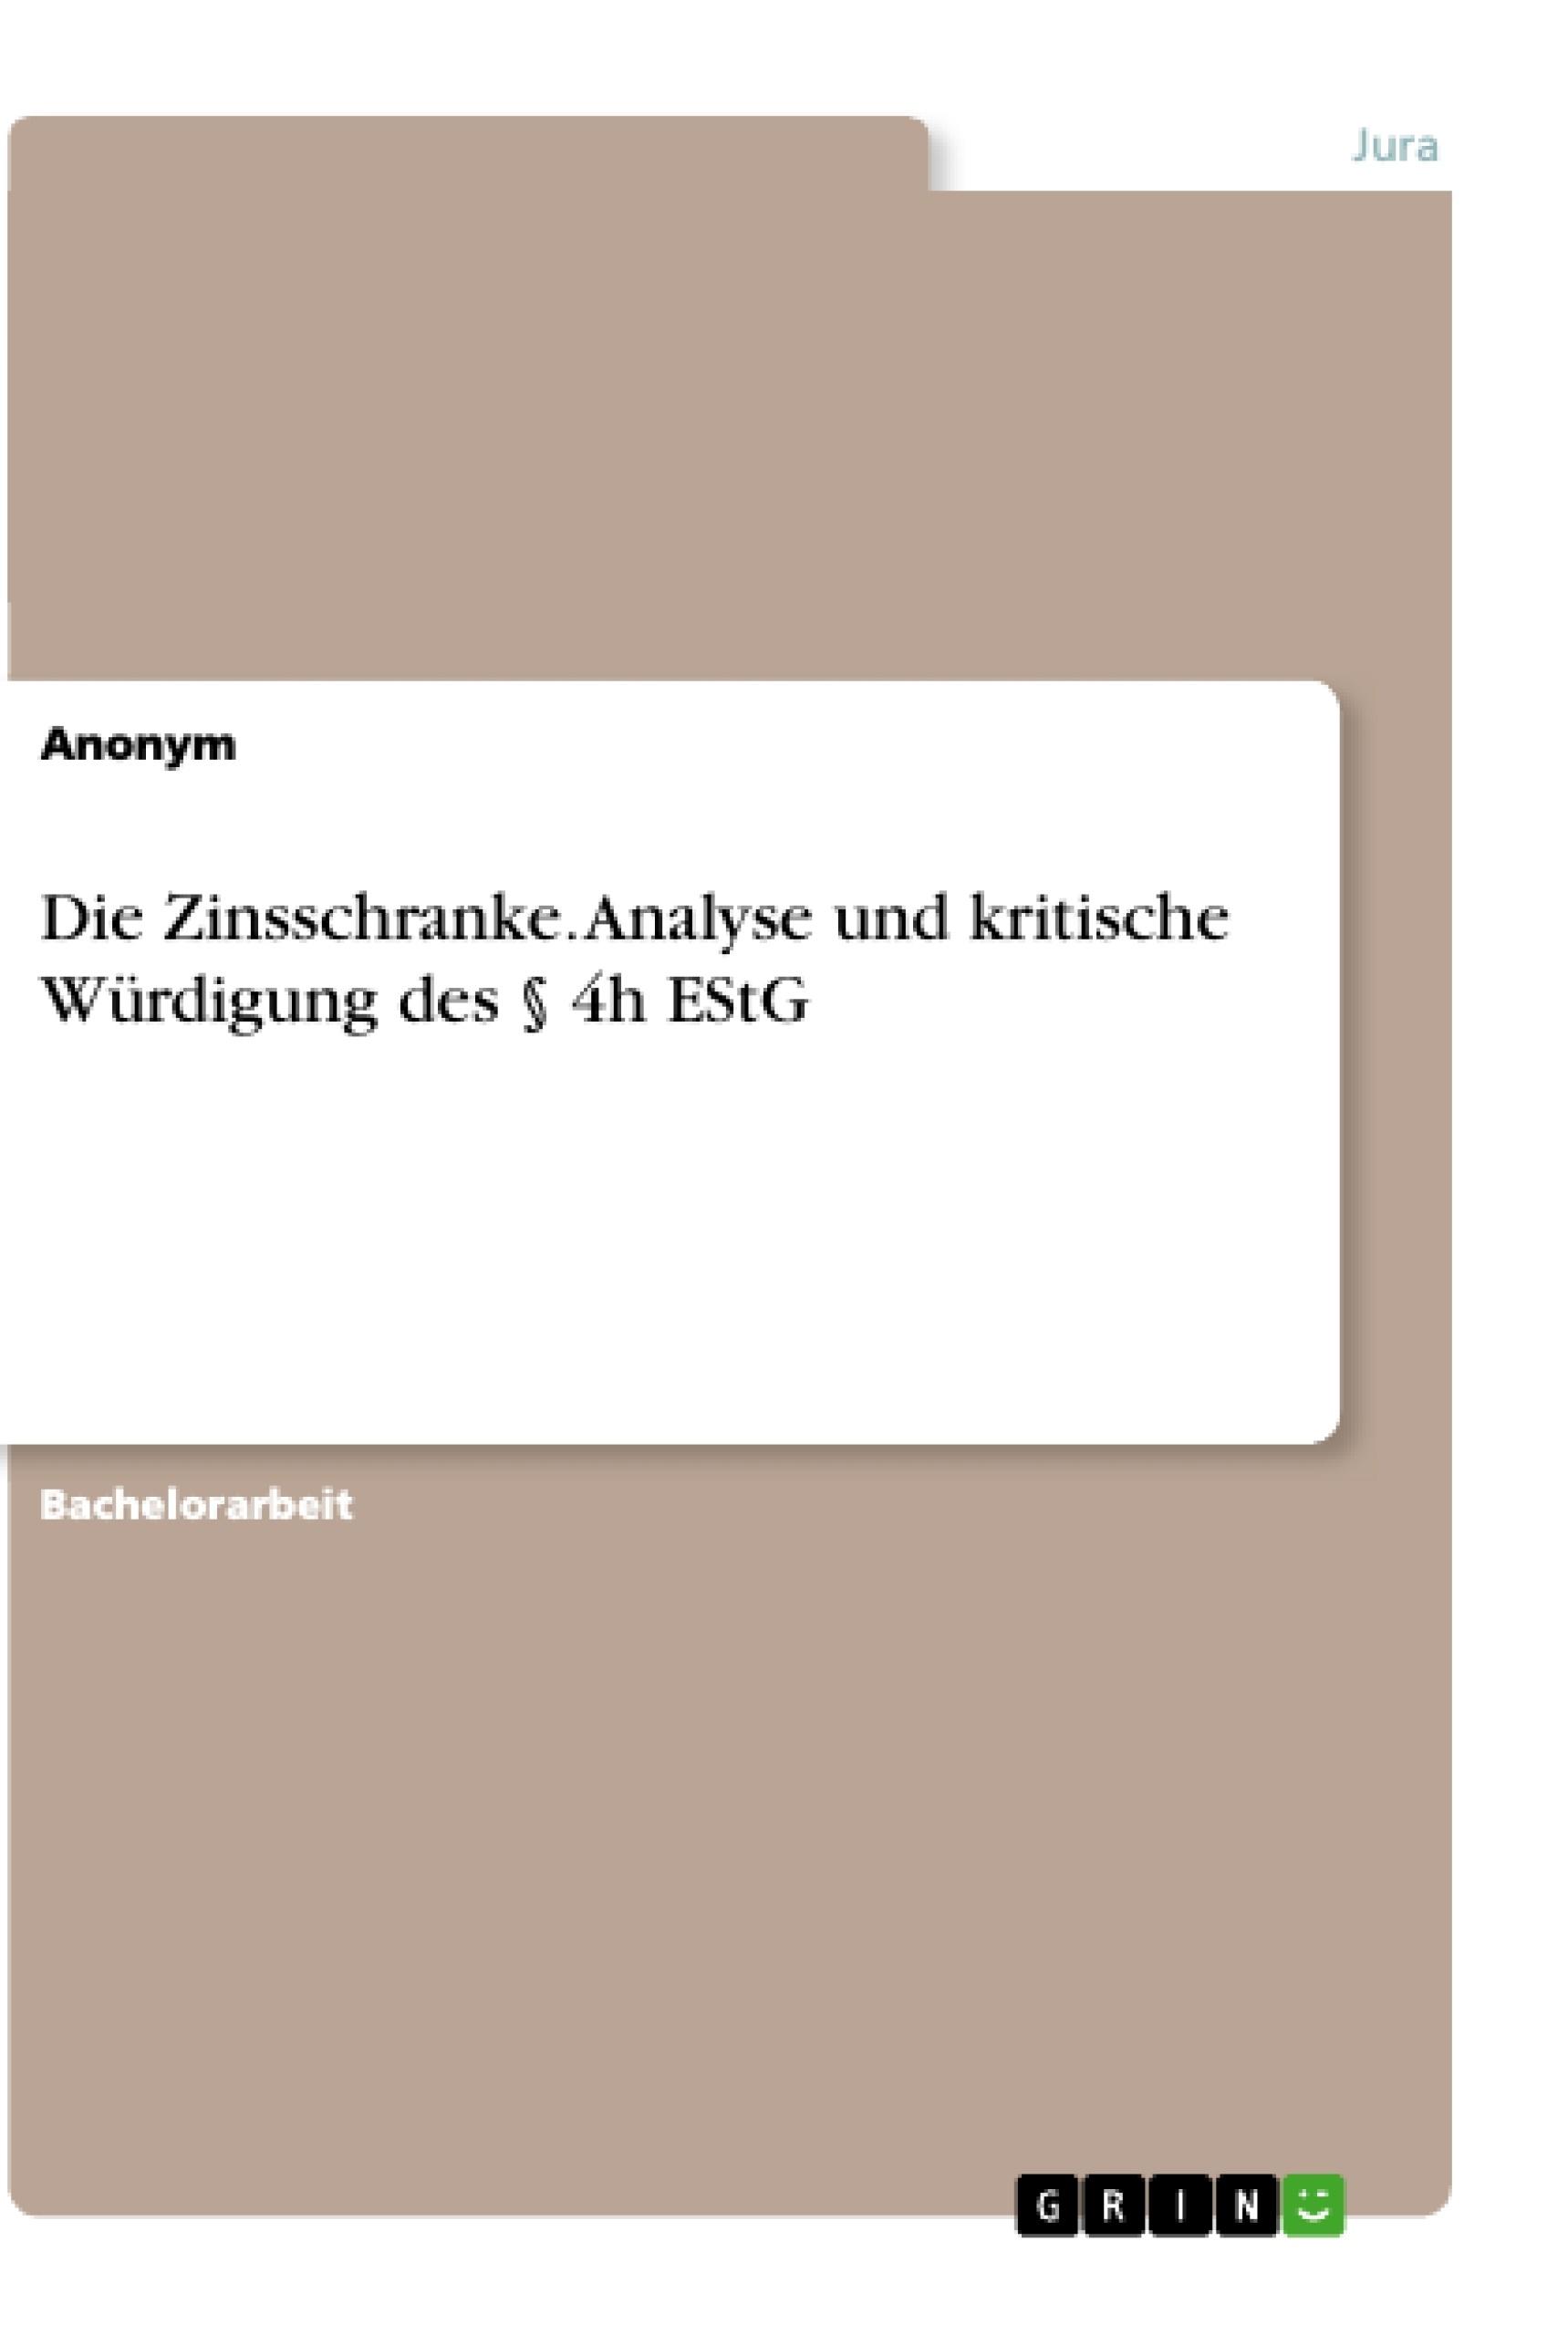 Titel: Die Zinsschranke. Analyse und kritische Würdigung des § 4h EStG